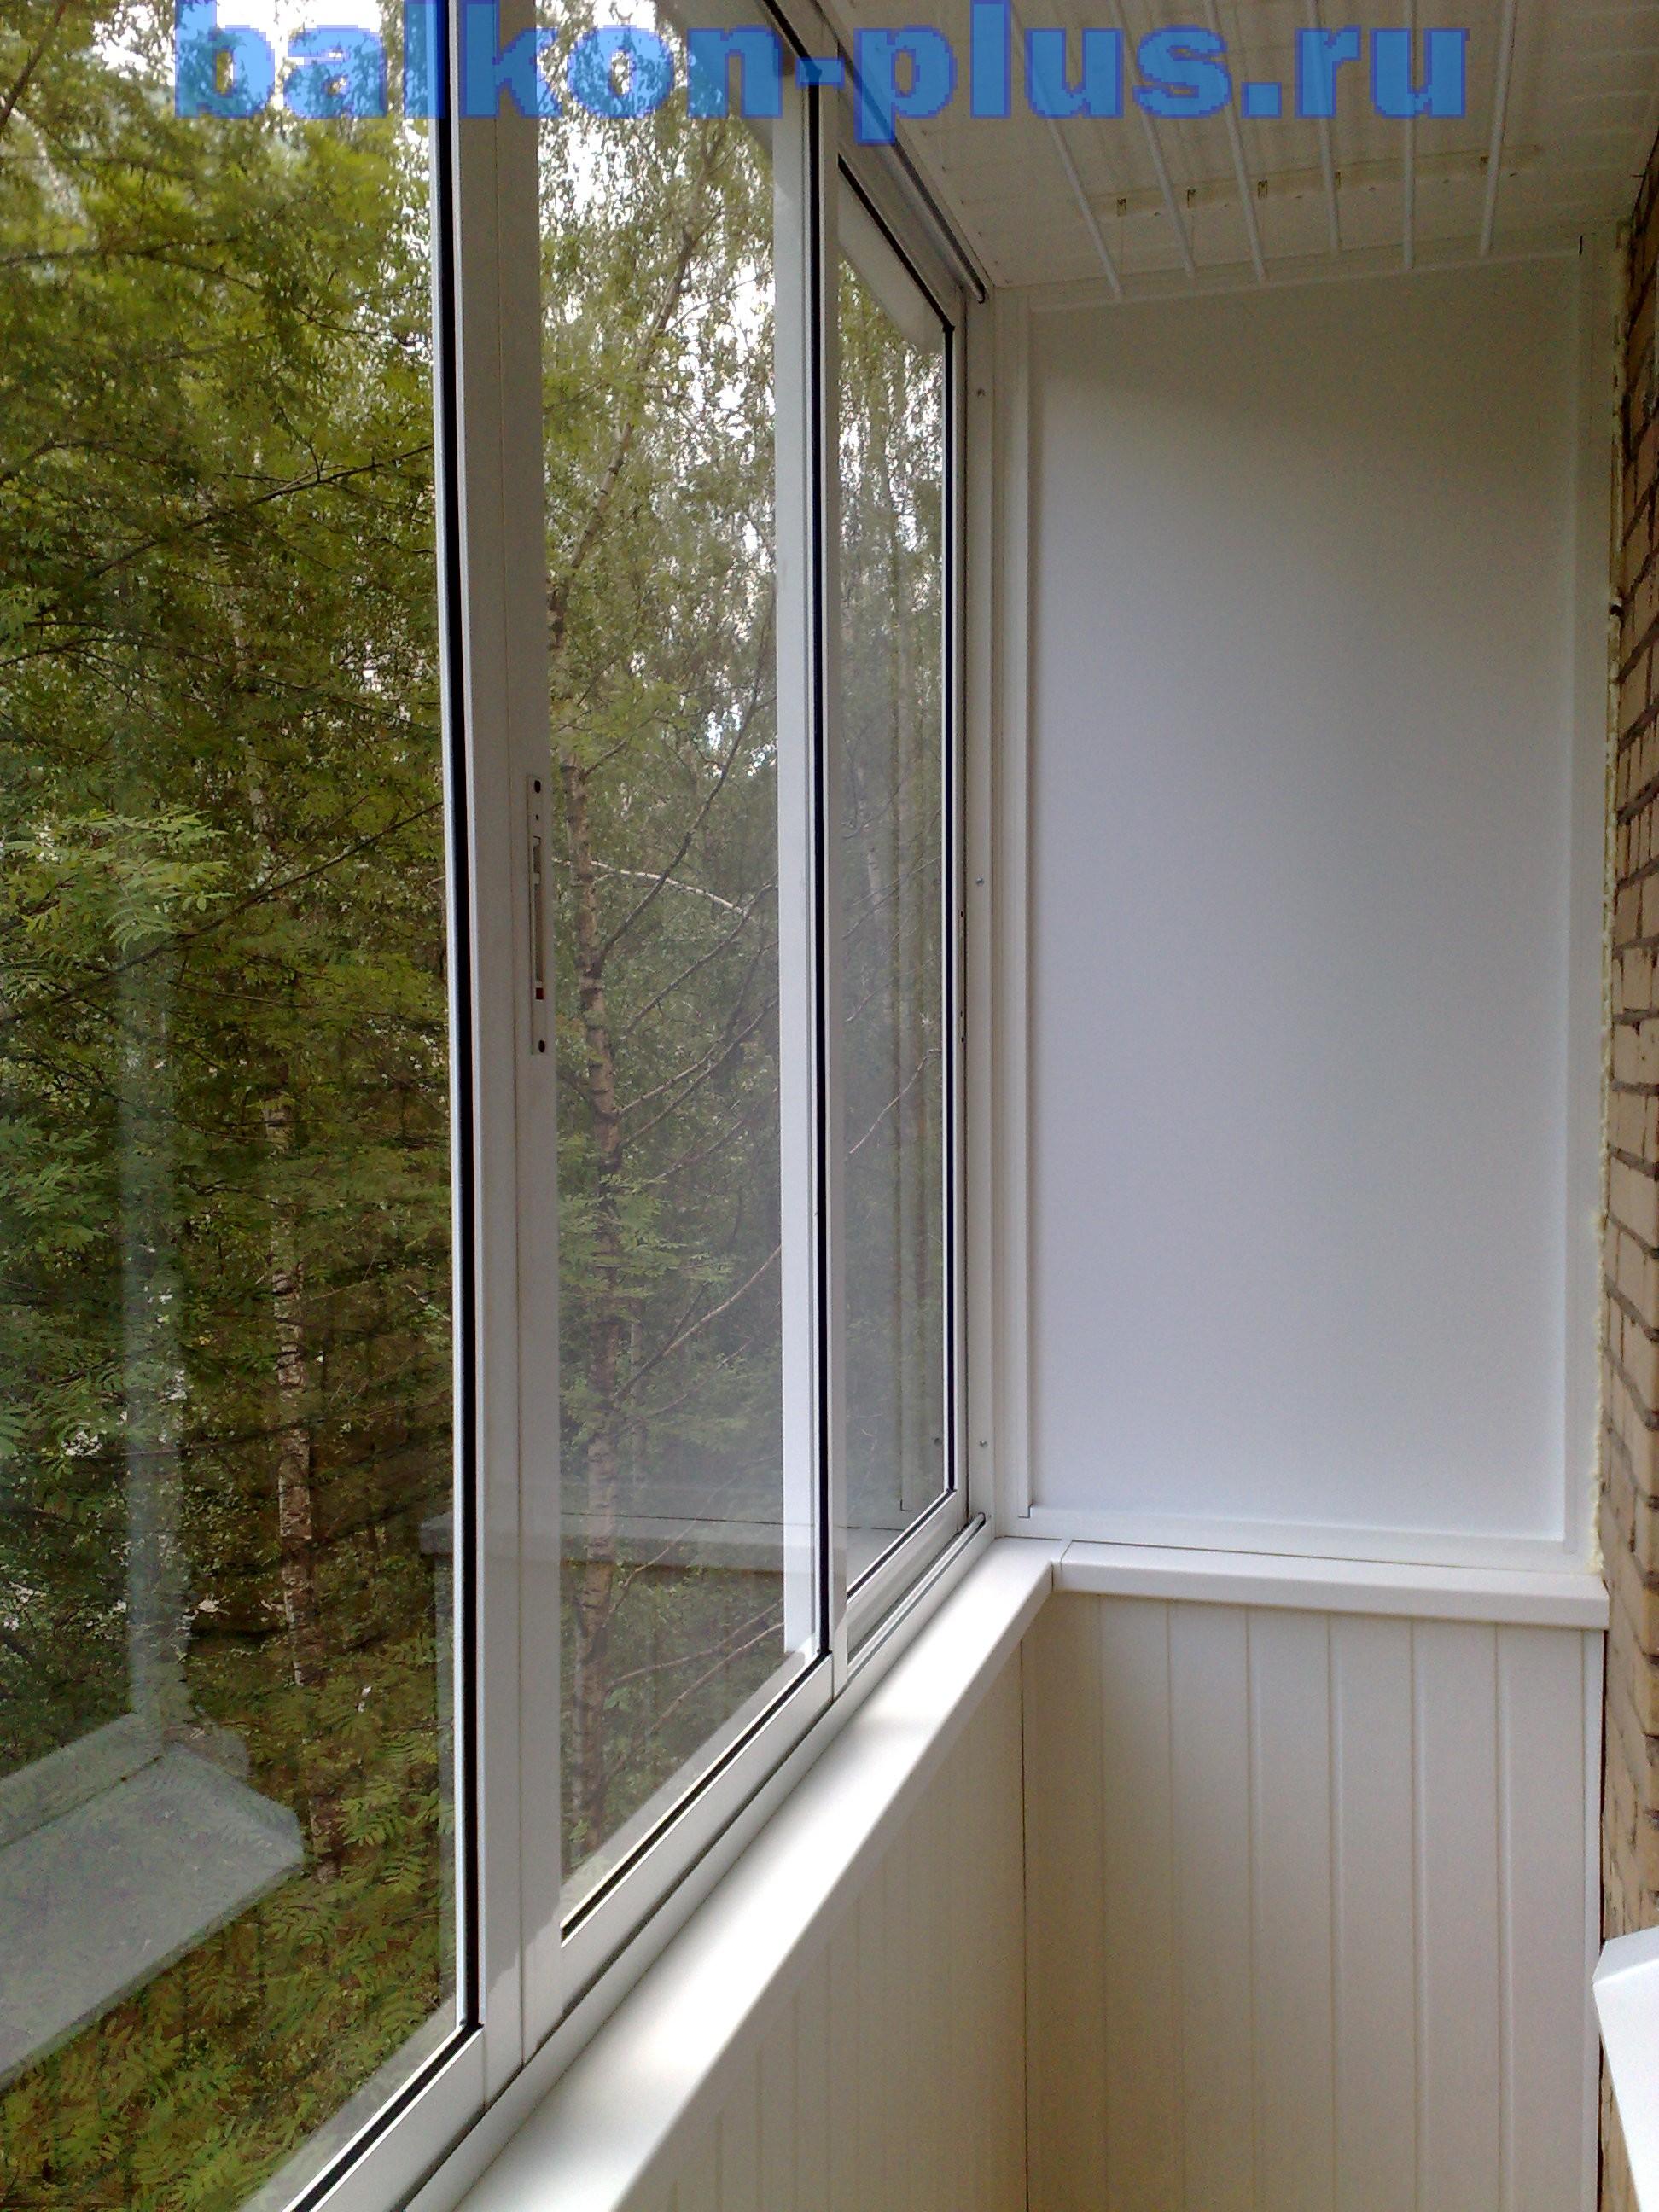 Глухие окна на лоджии.